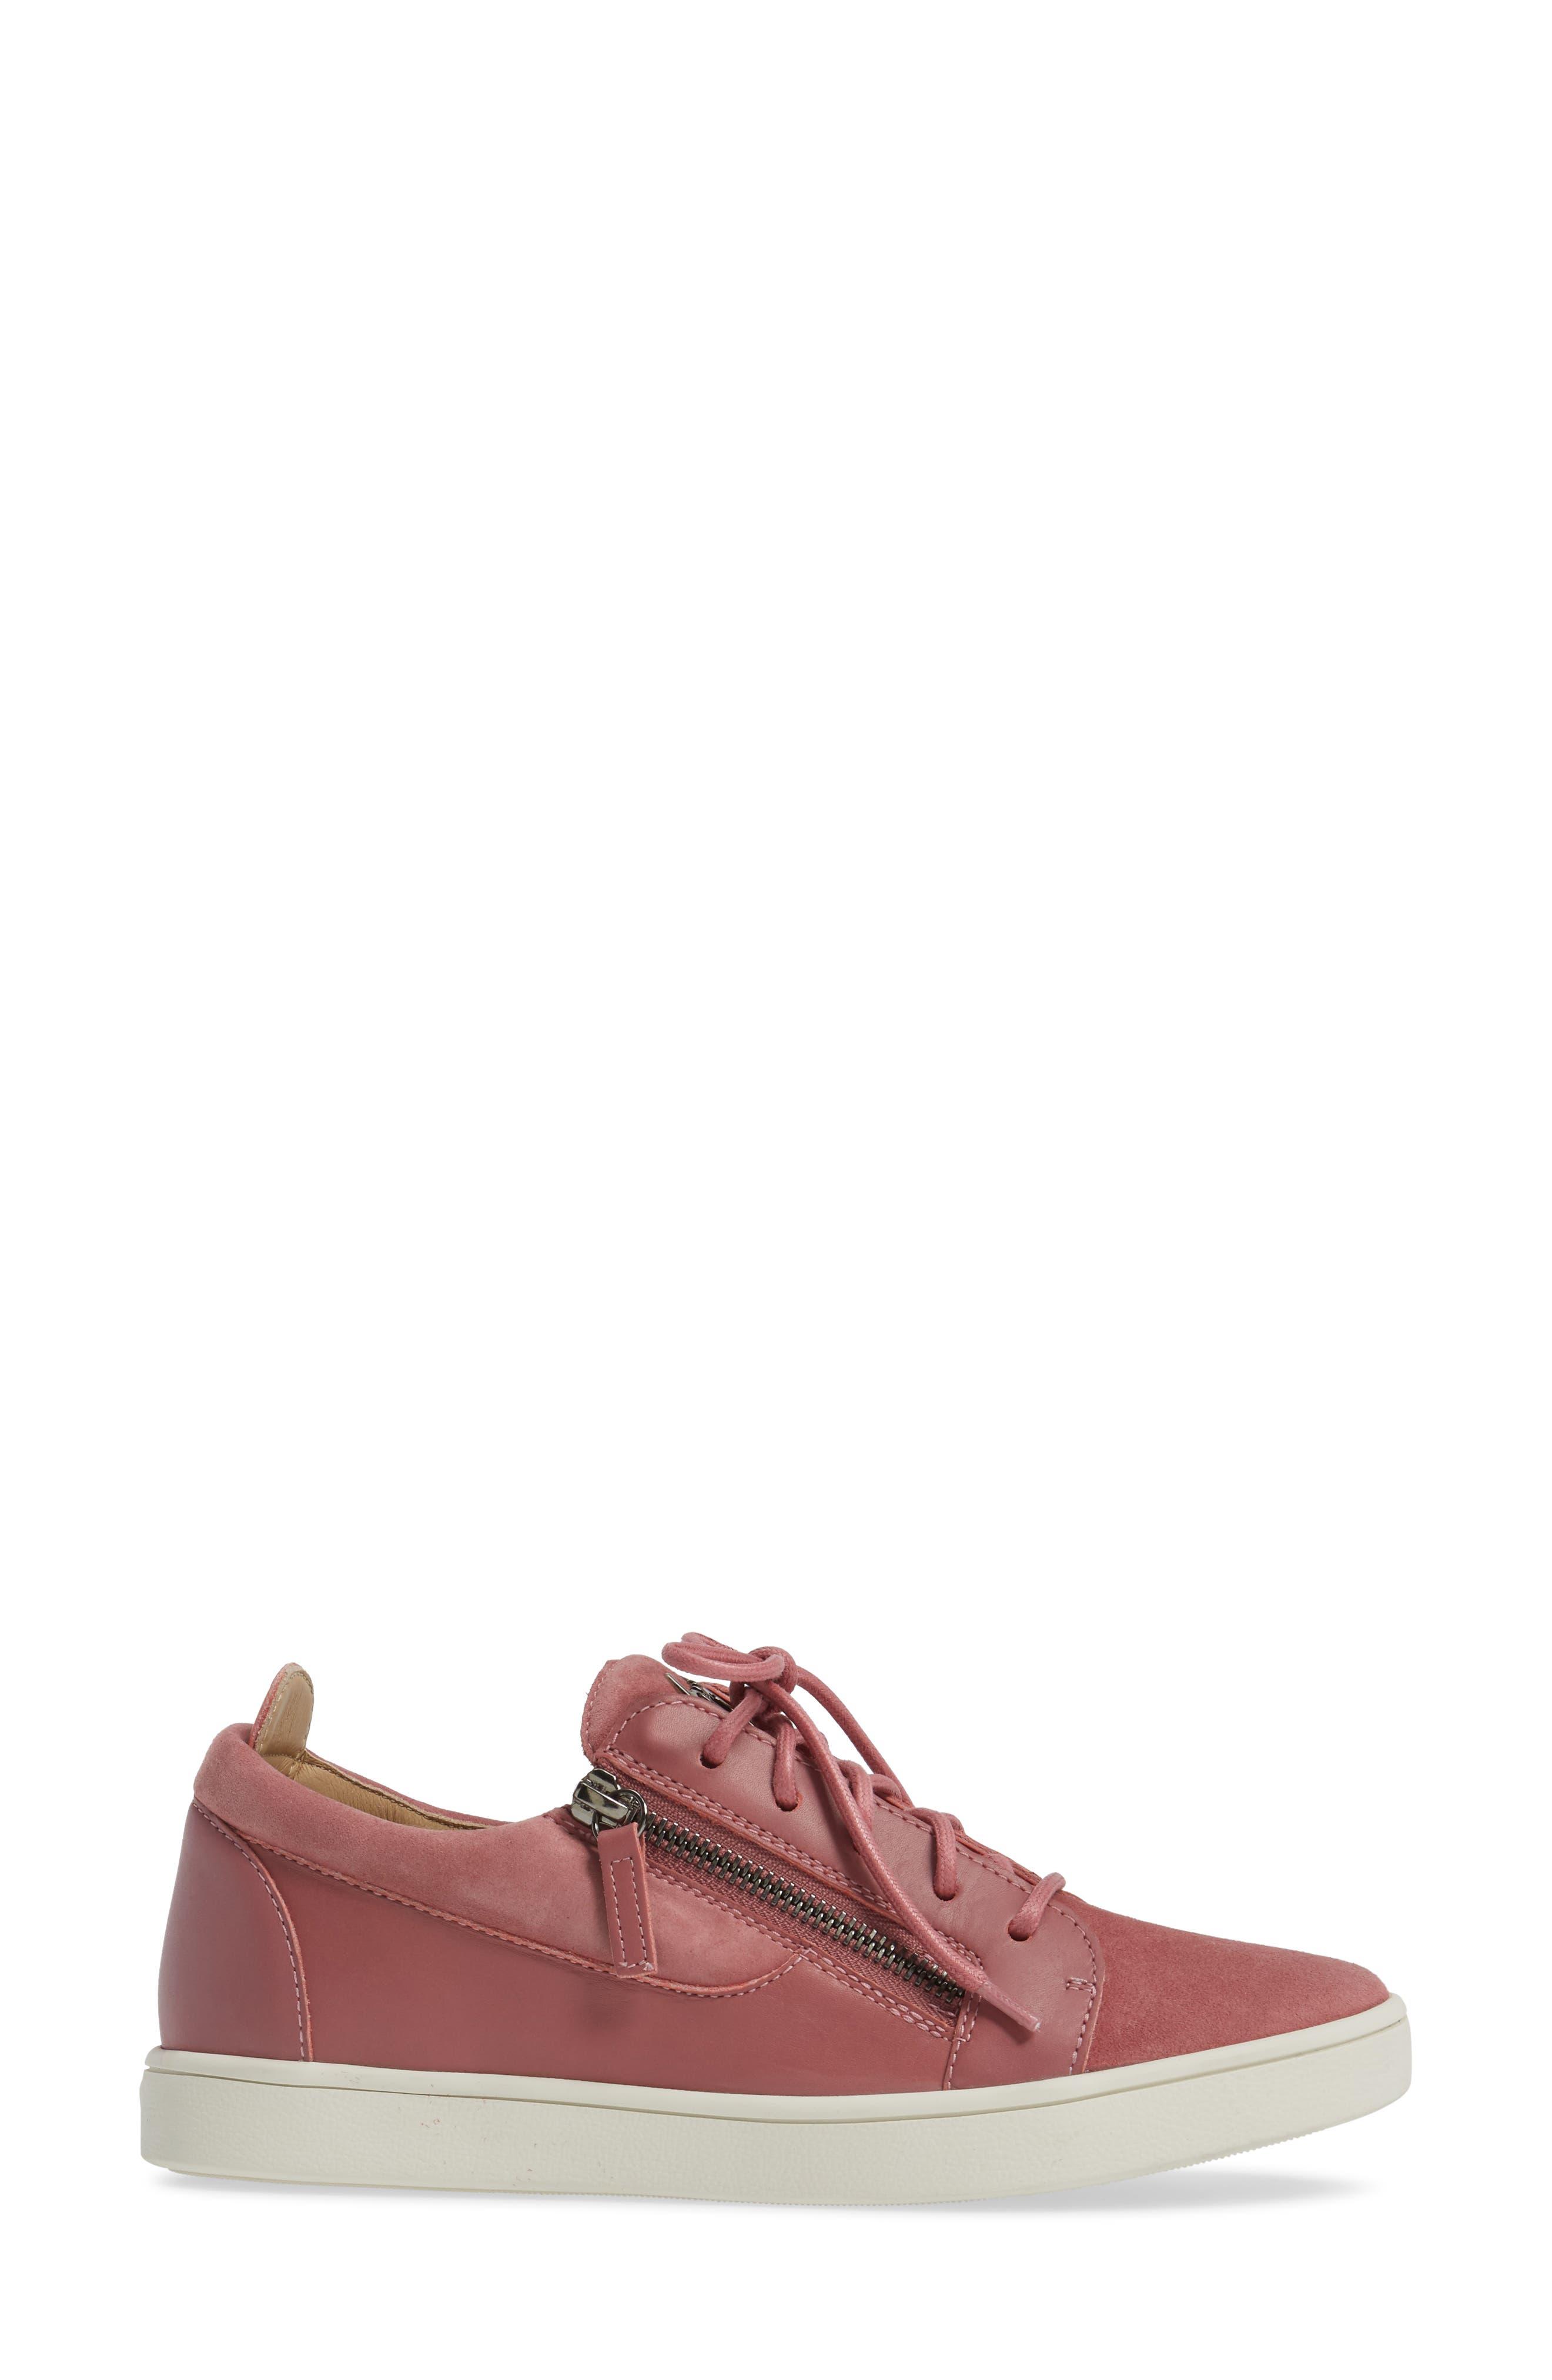 Alternate Image 3  - Giuseppe Zanotti Low Top Zip Sneaker (Women)